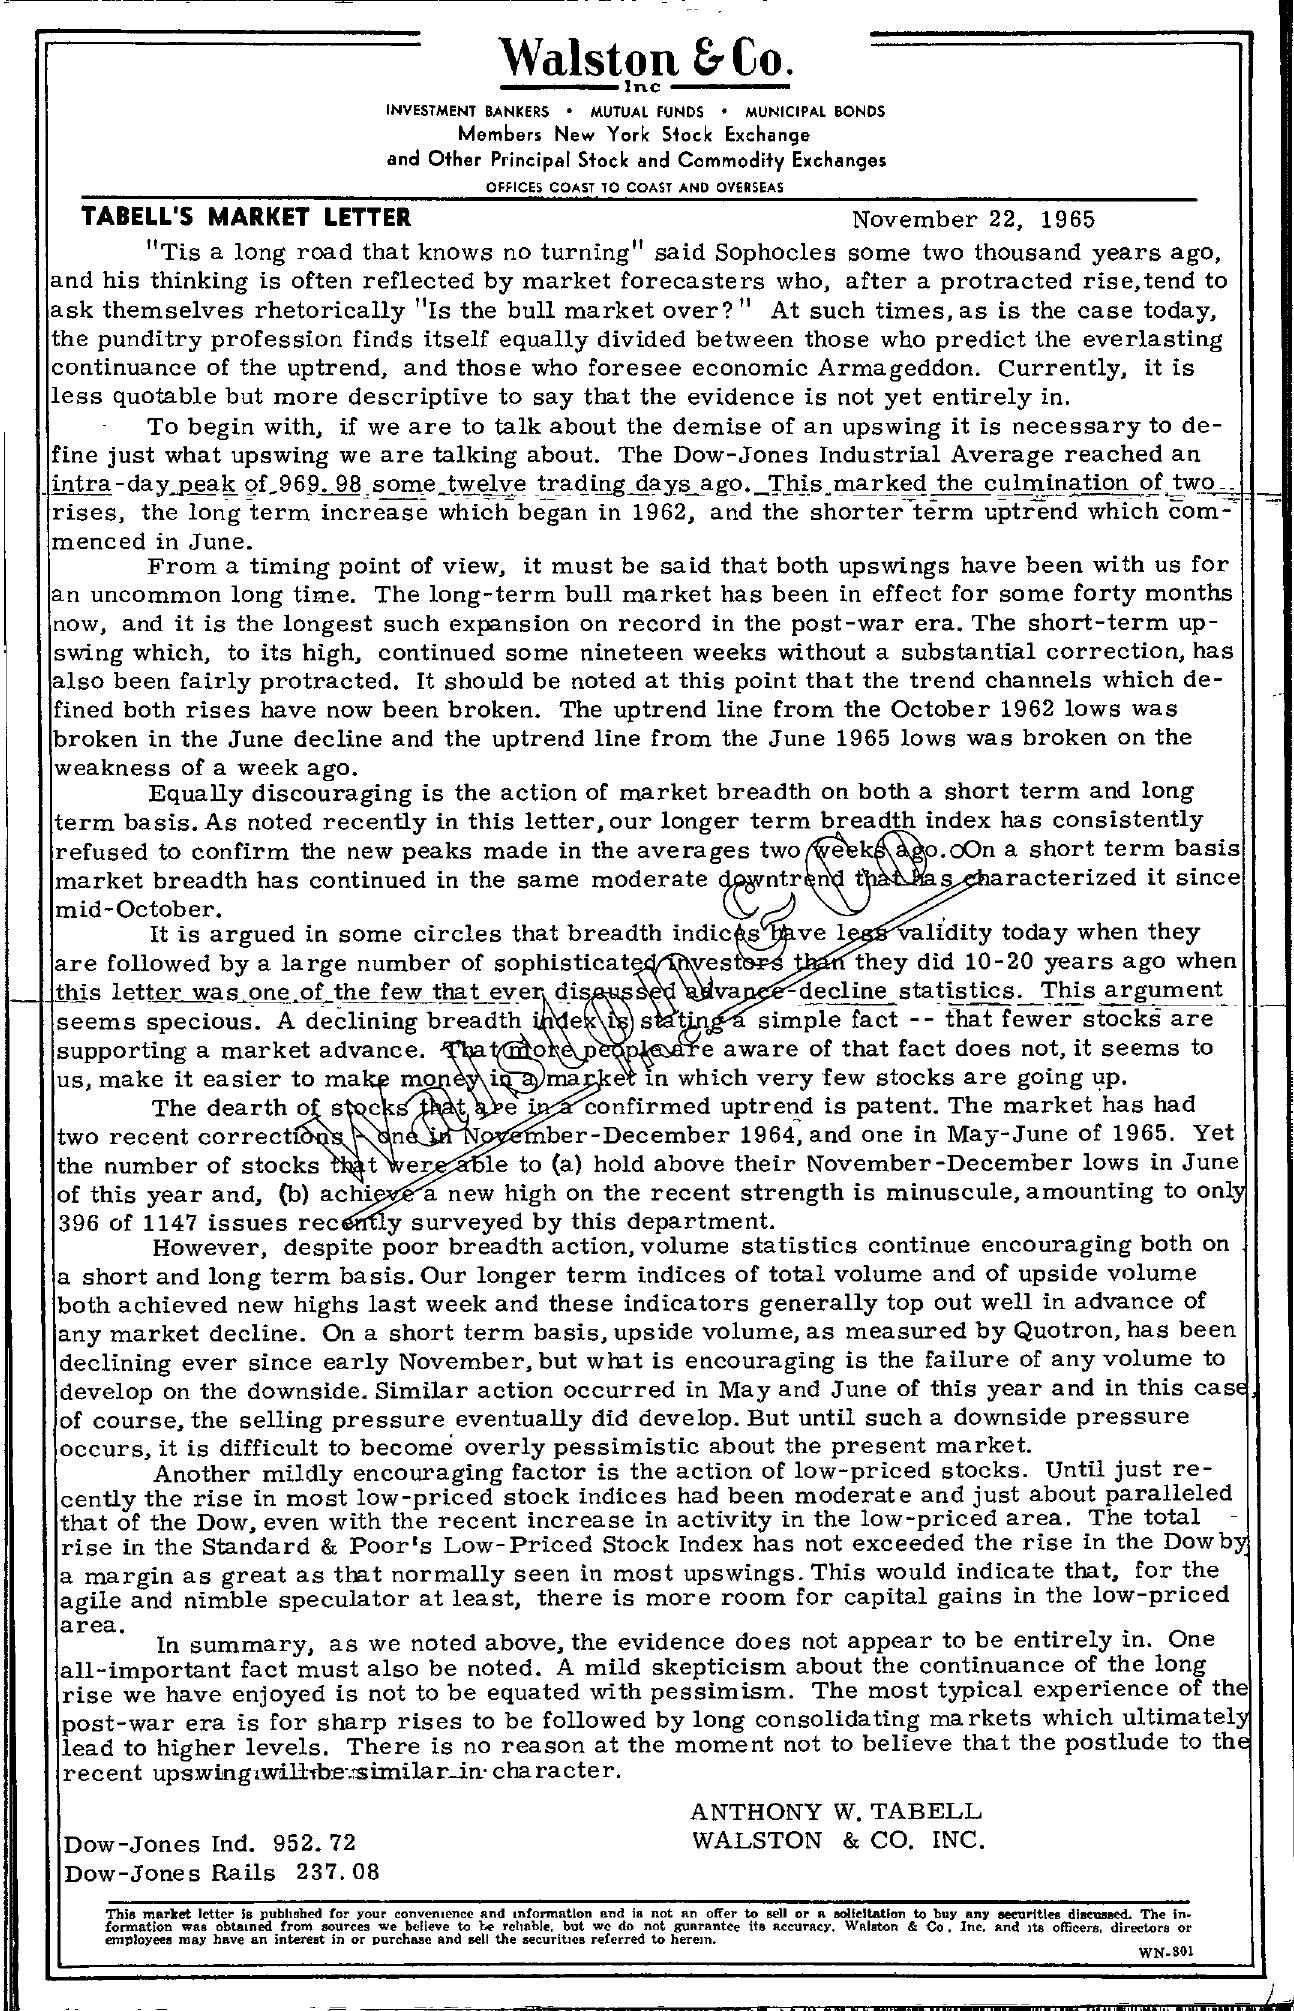 Tabell's Market Letter - November 22, 1965